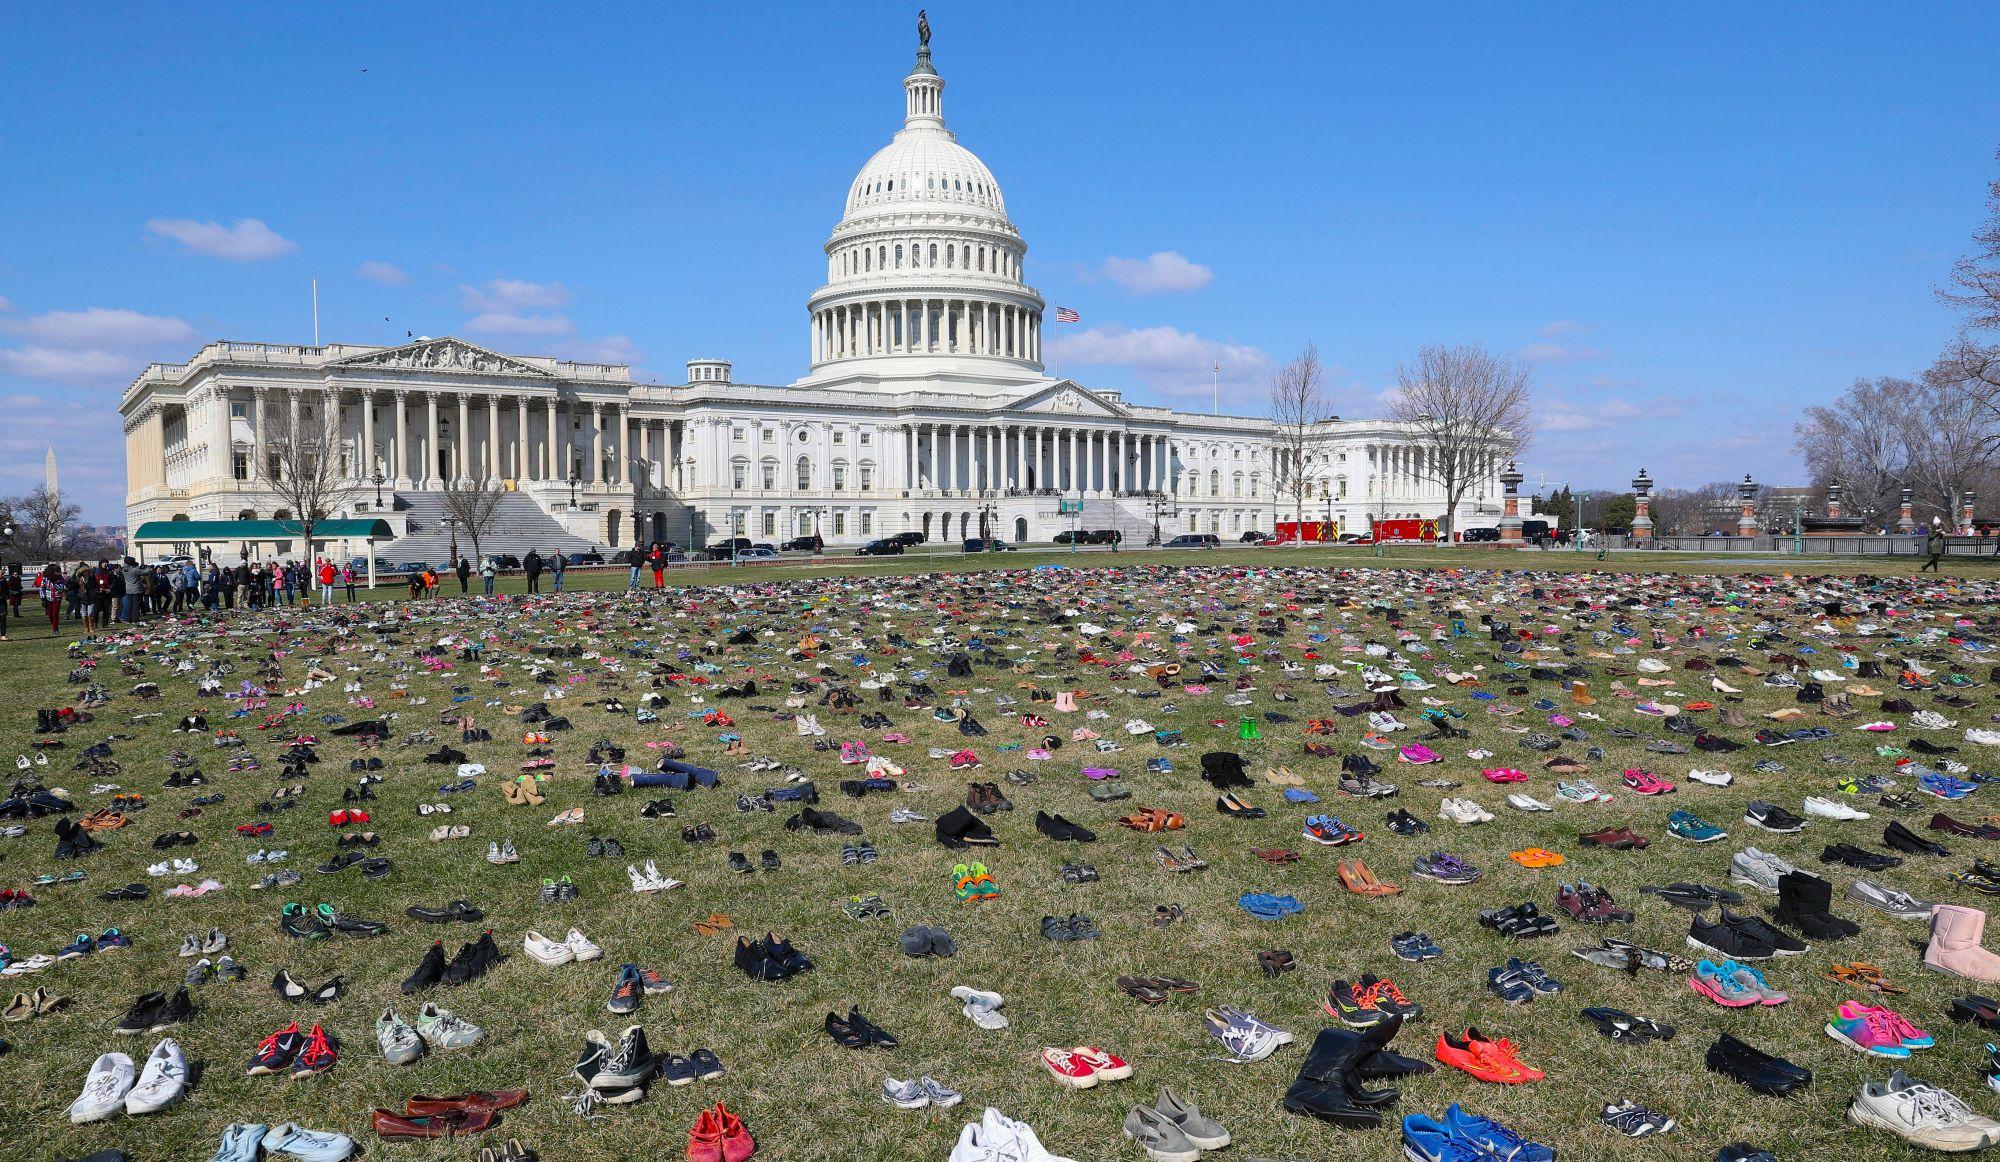 Des souliers à la mémoire des enfants tués par armes à feu aux États-Unis (vidéo)